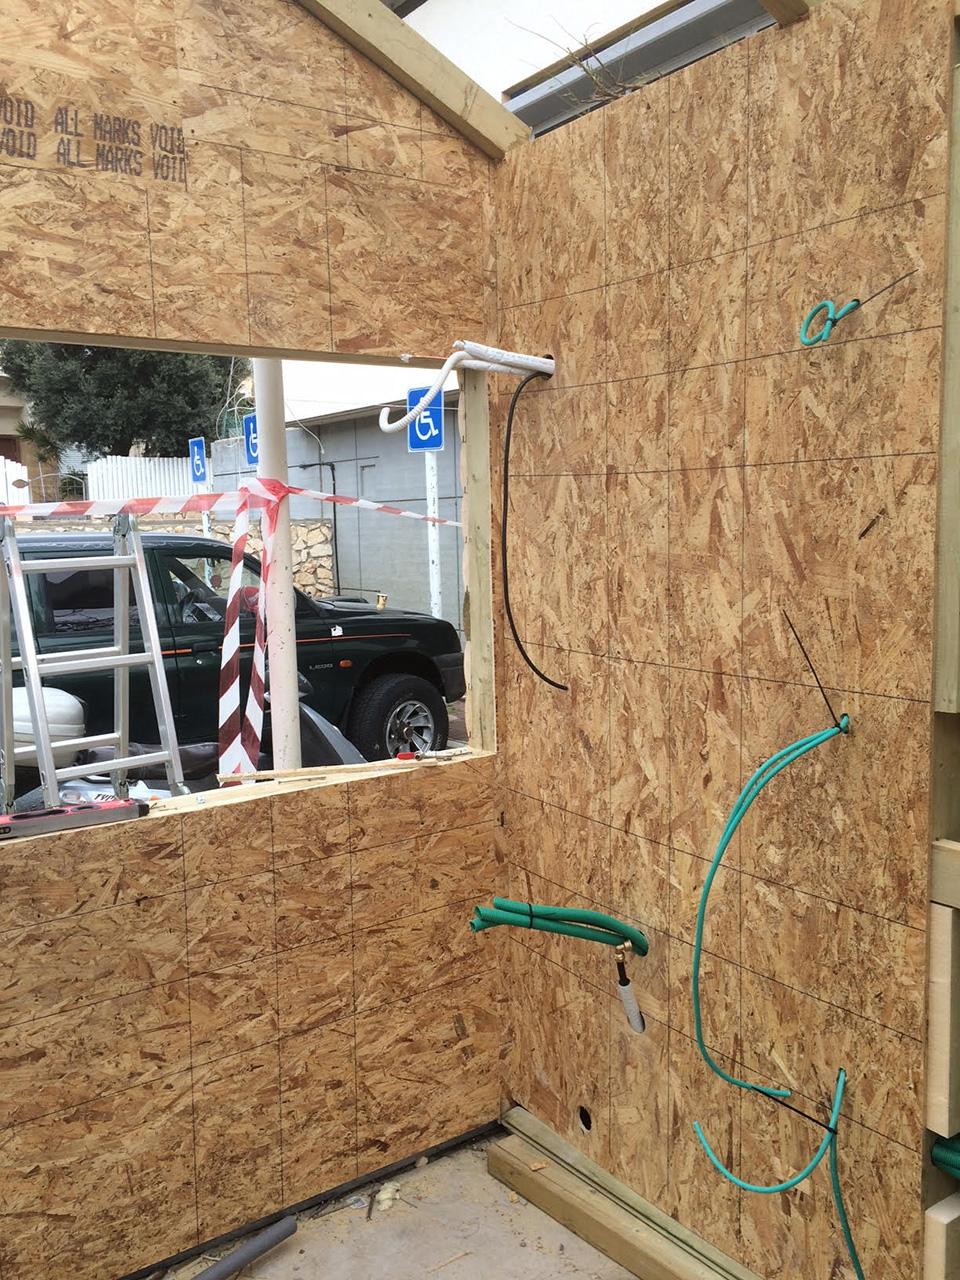 בוטקה עץ בית קיי: סידור חשמל בפנים